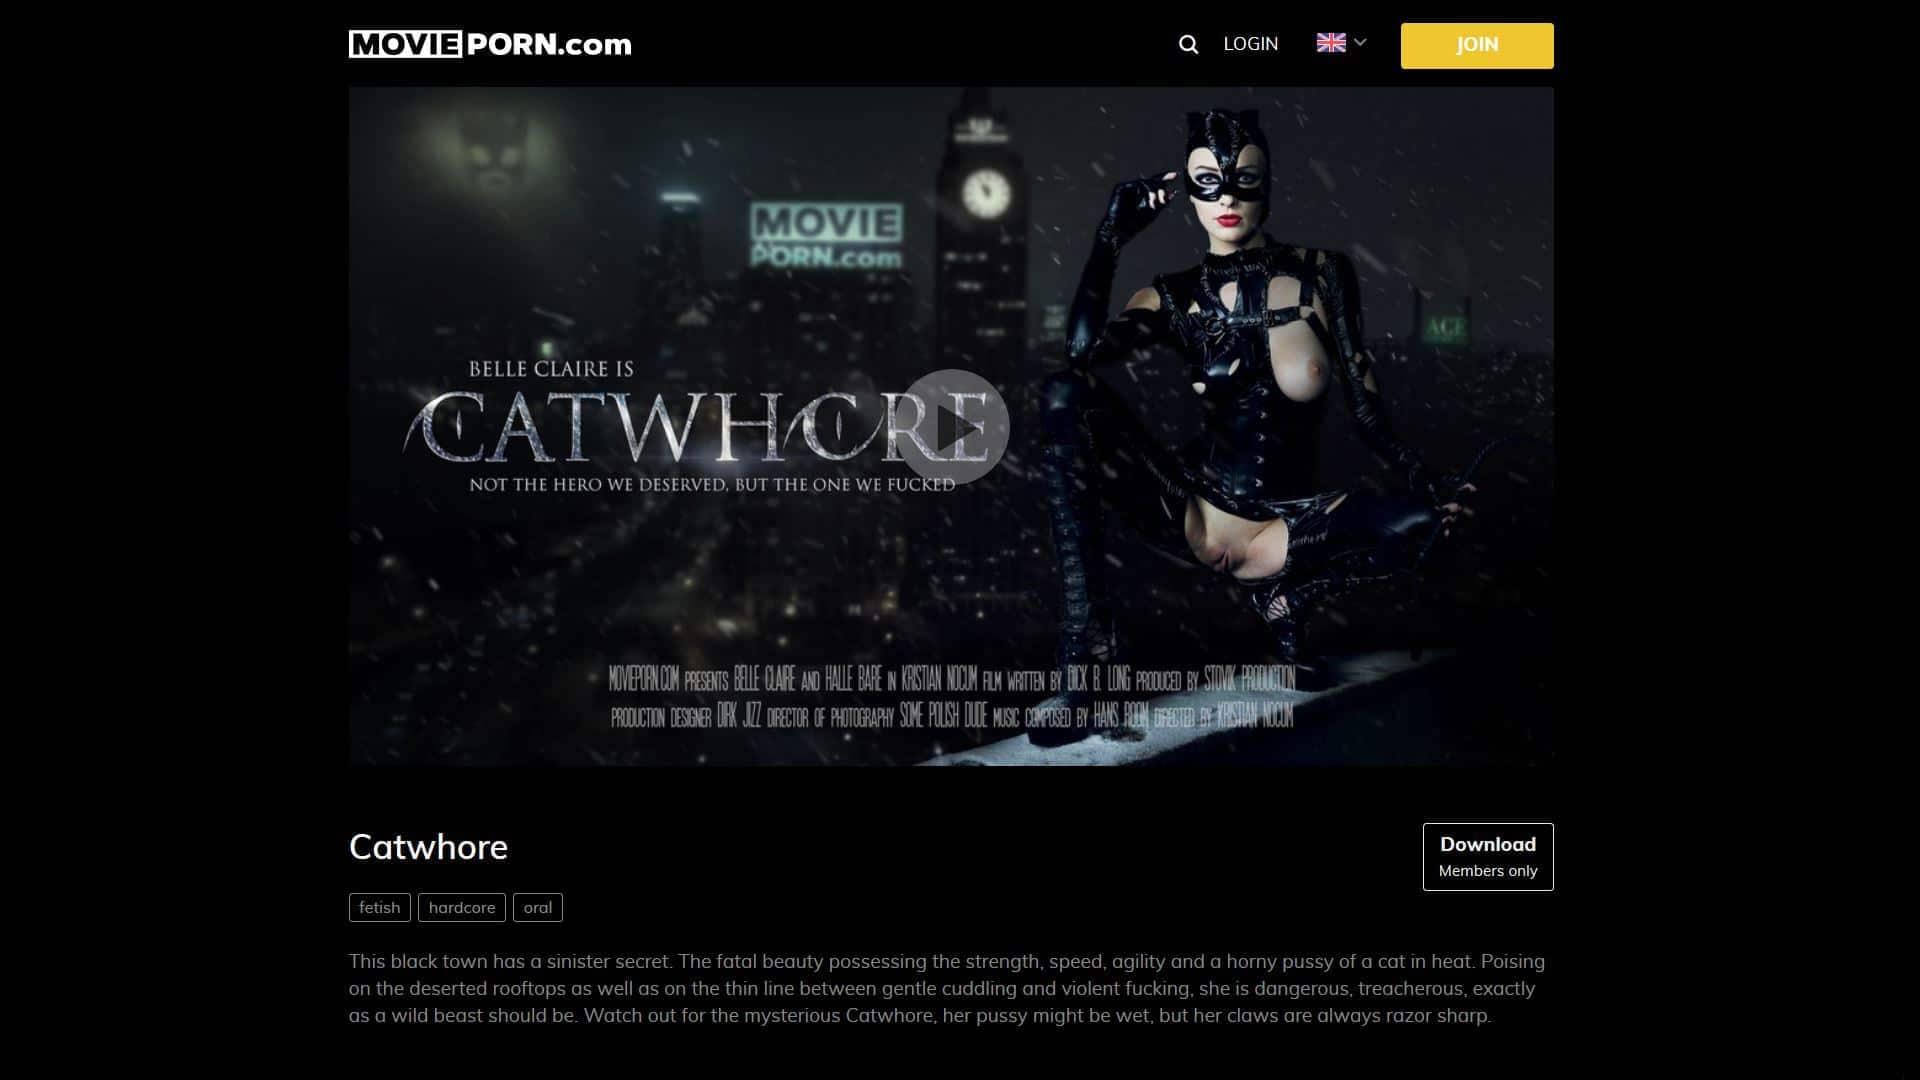 MoviePorn CatWhore